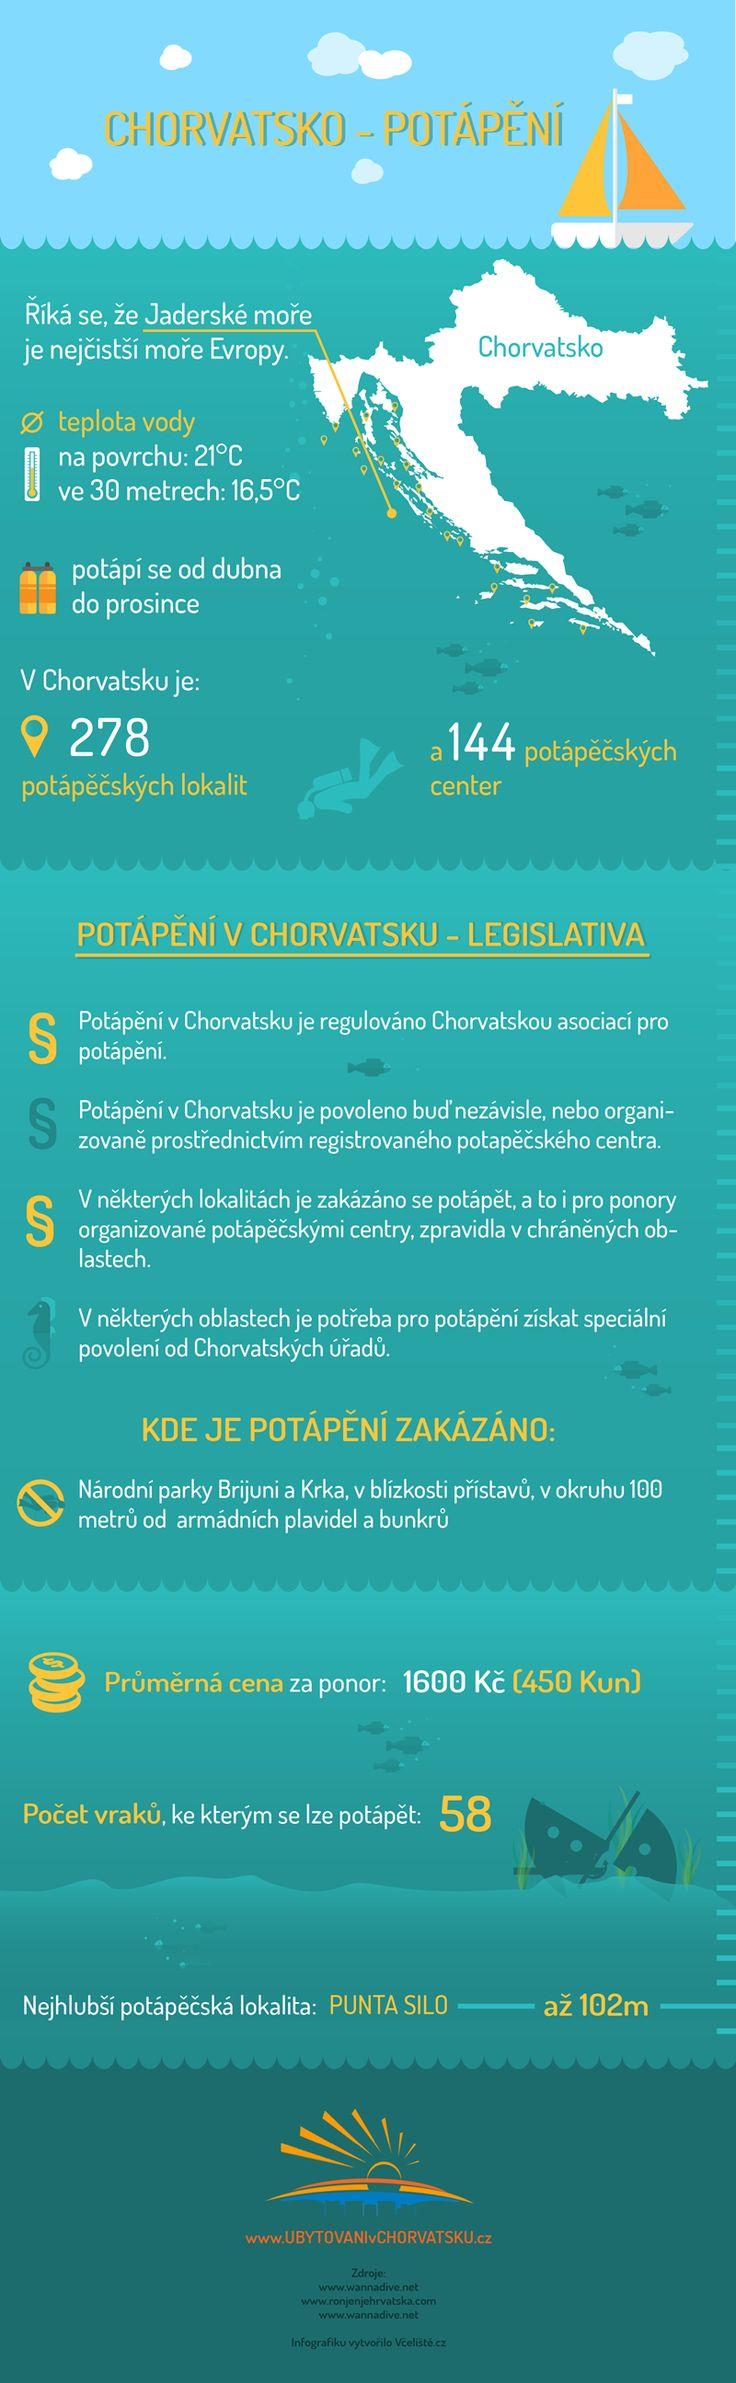 Infografika o potápění v Chorvatsku